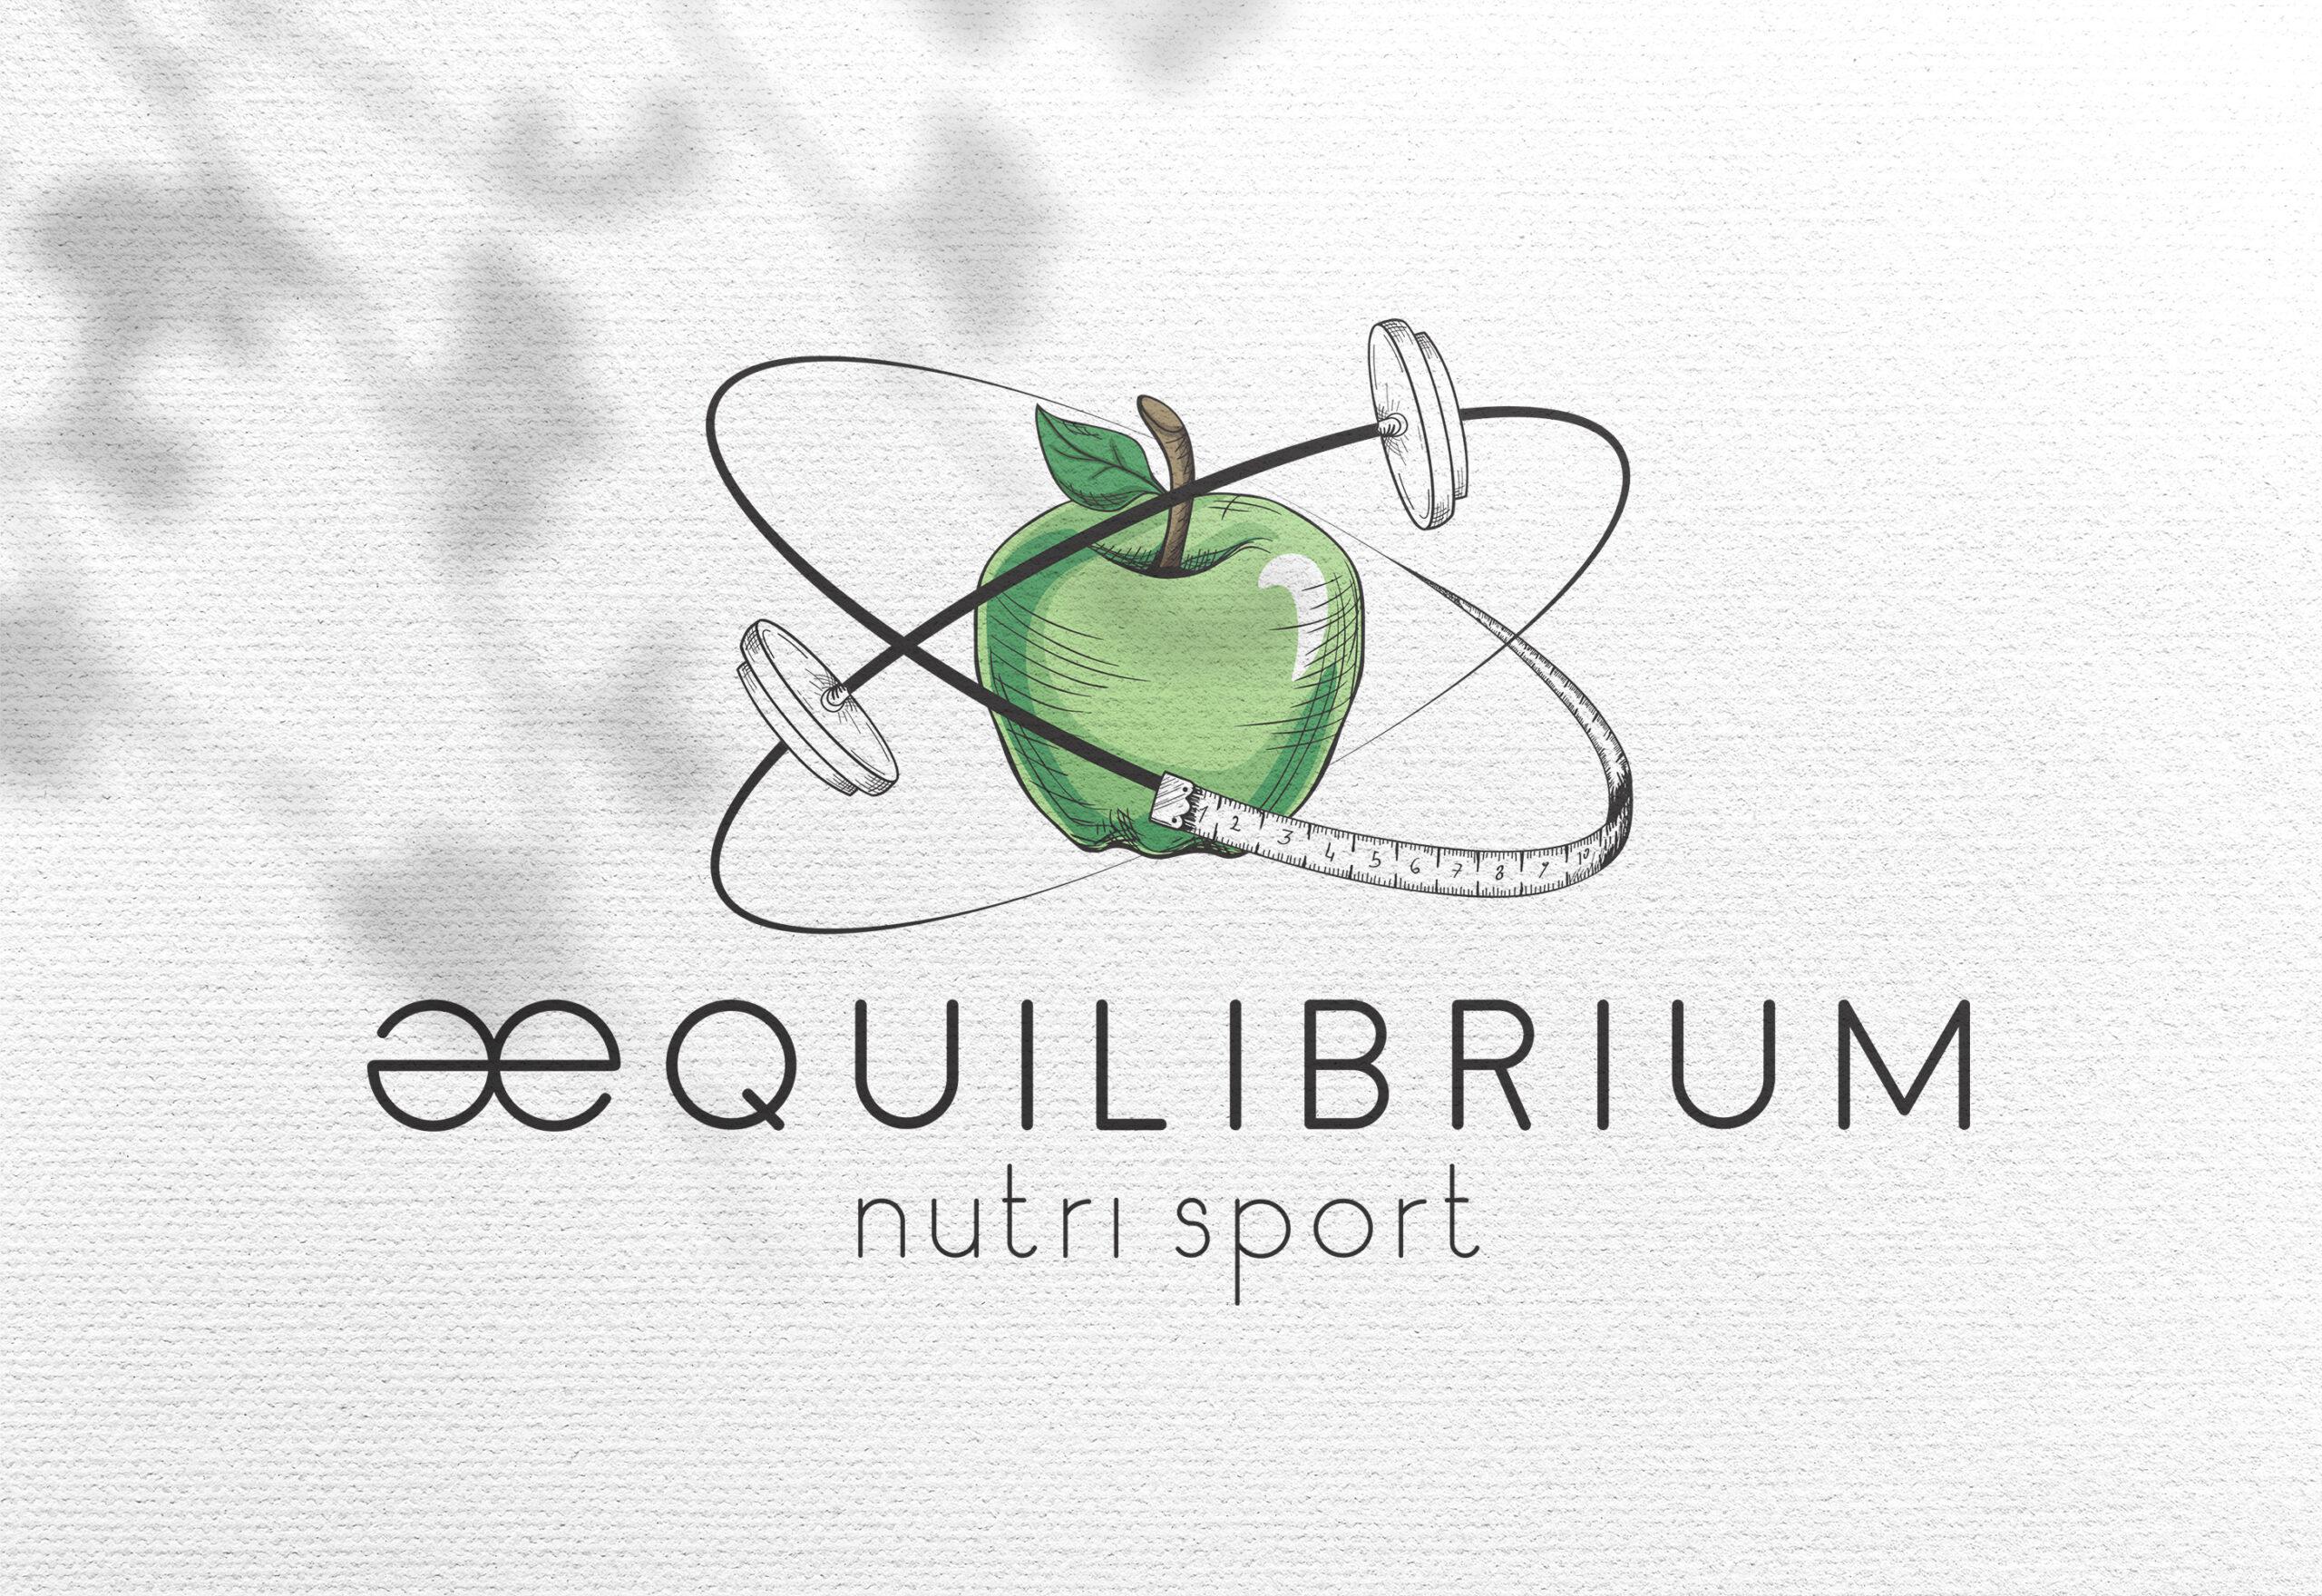 albedo brand identity aequilibrium nutrisport logo